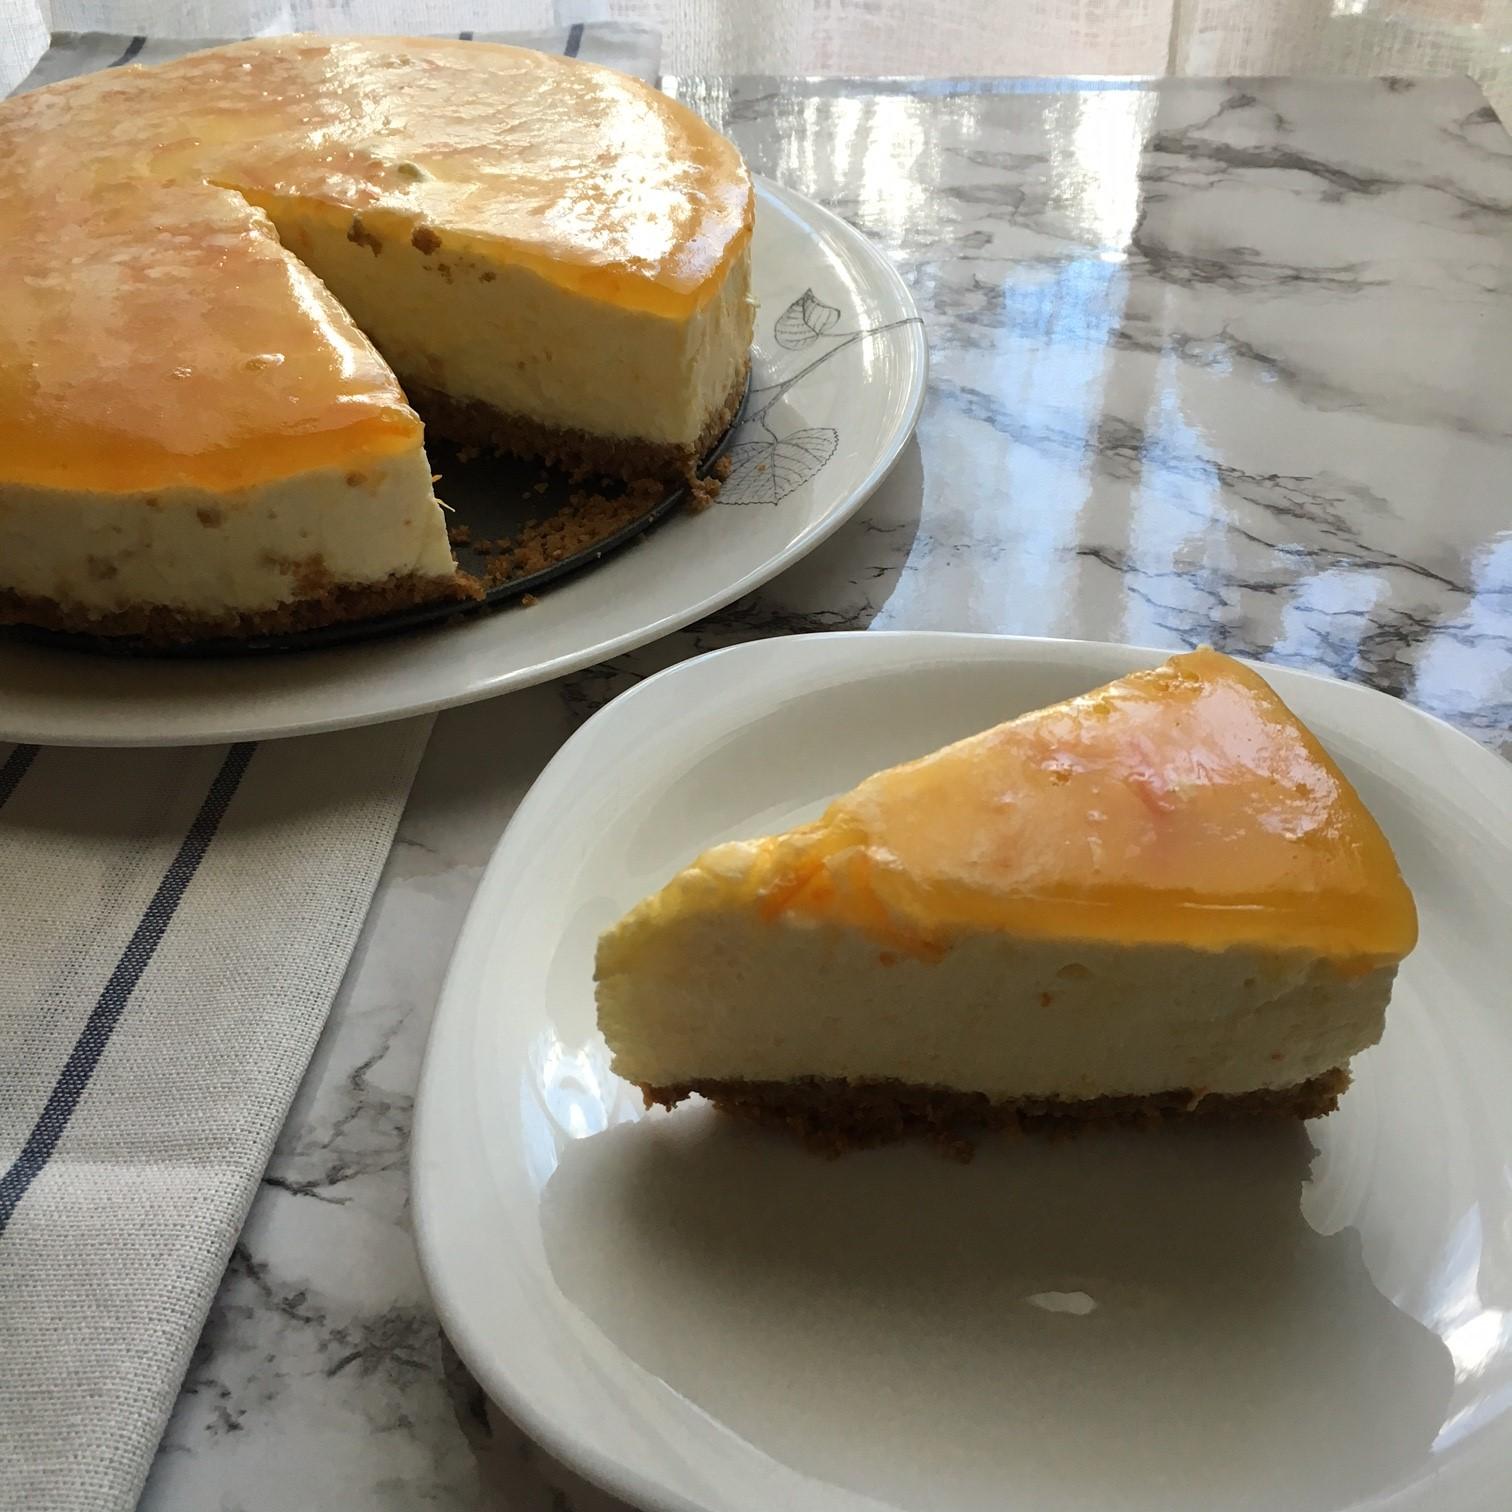 Pastel de mousse de naranja